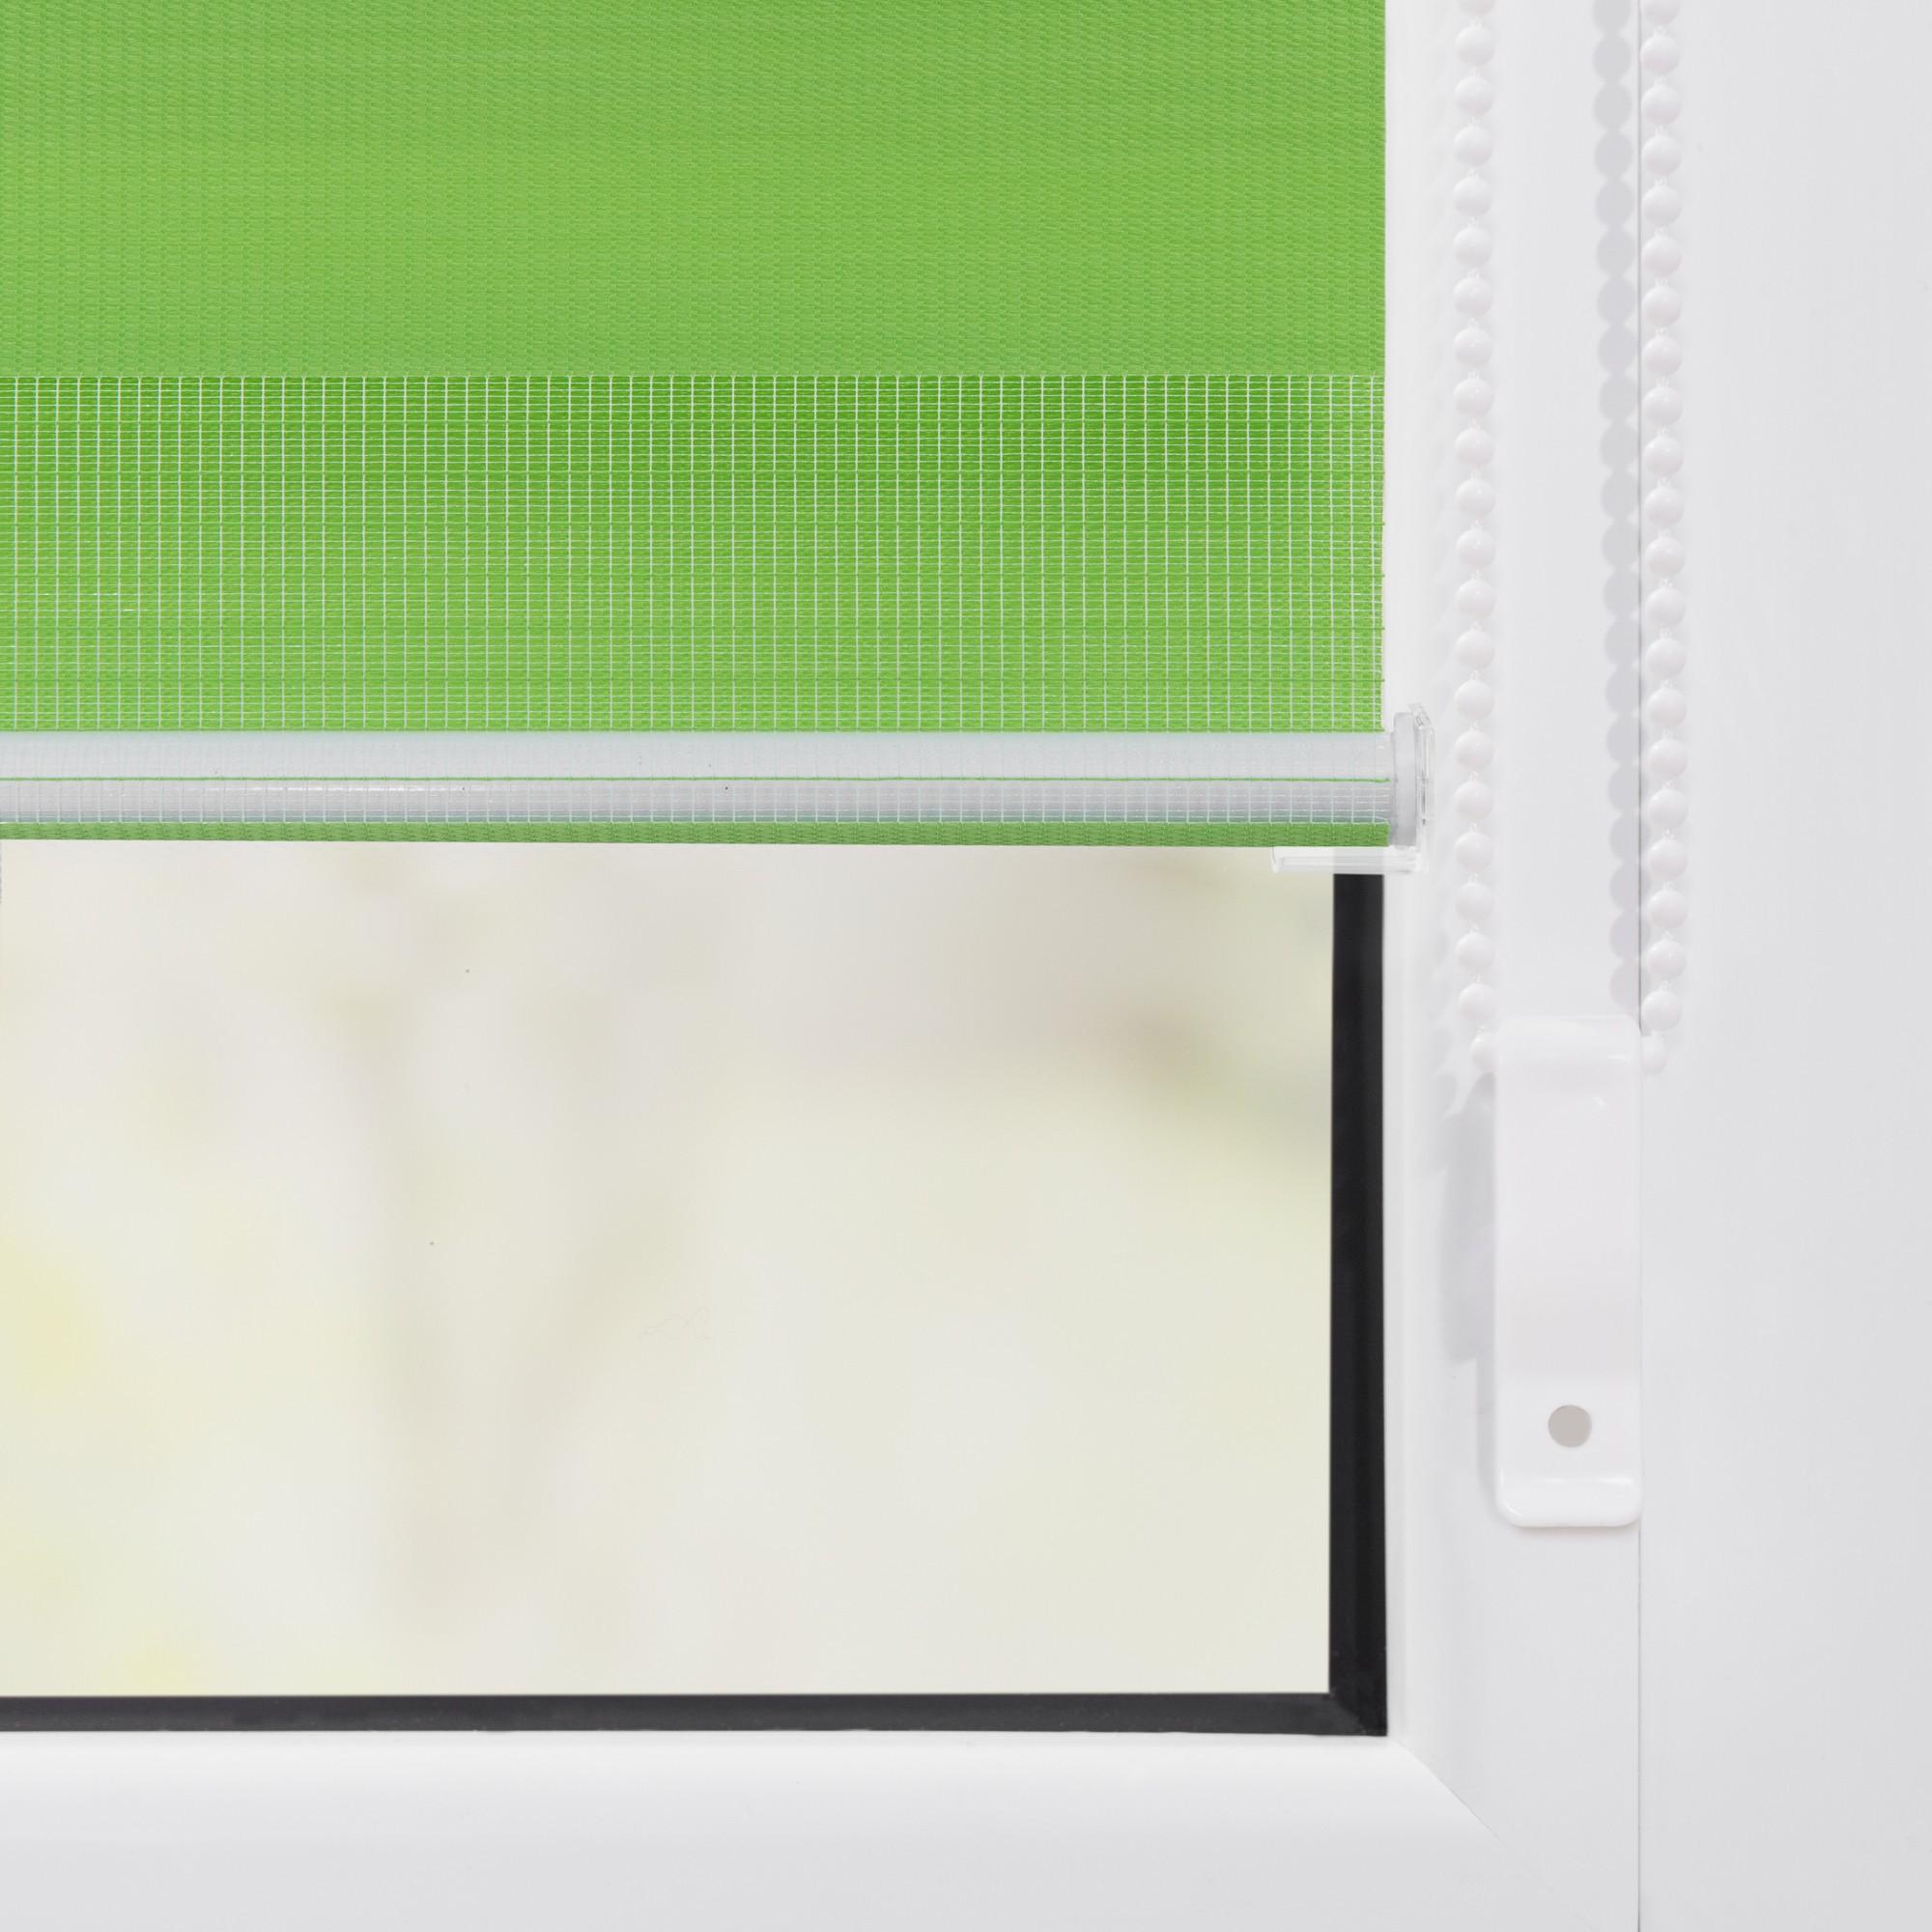 Schön Spiegel Ohne Bohren Fotos Von Wohndesign Stil